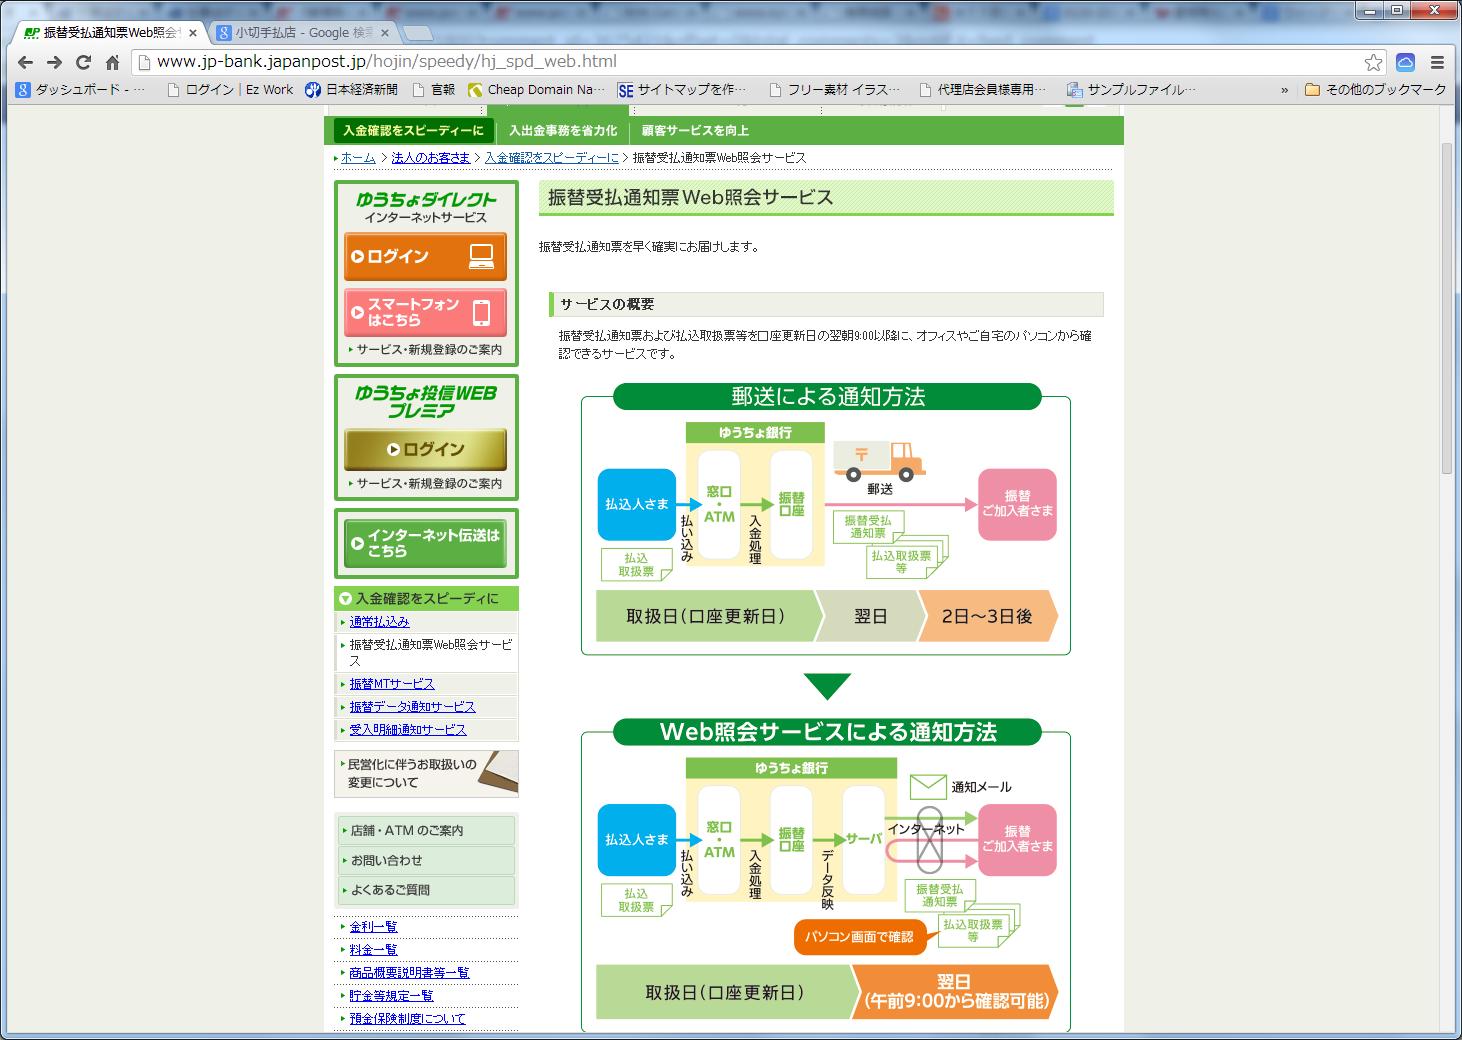 ゆうちょ銀行の新サービス「振替受払通知票Web照会サービス」